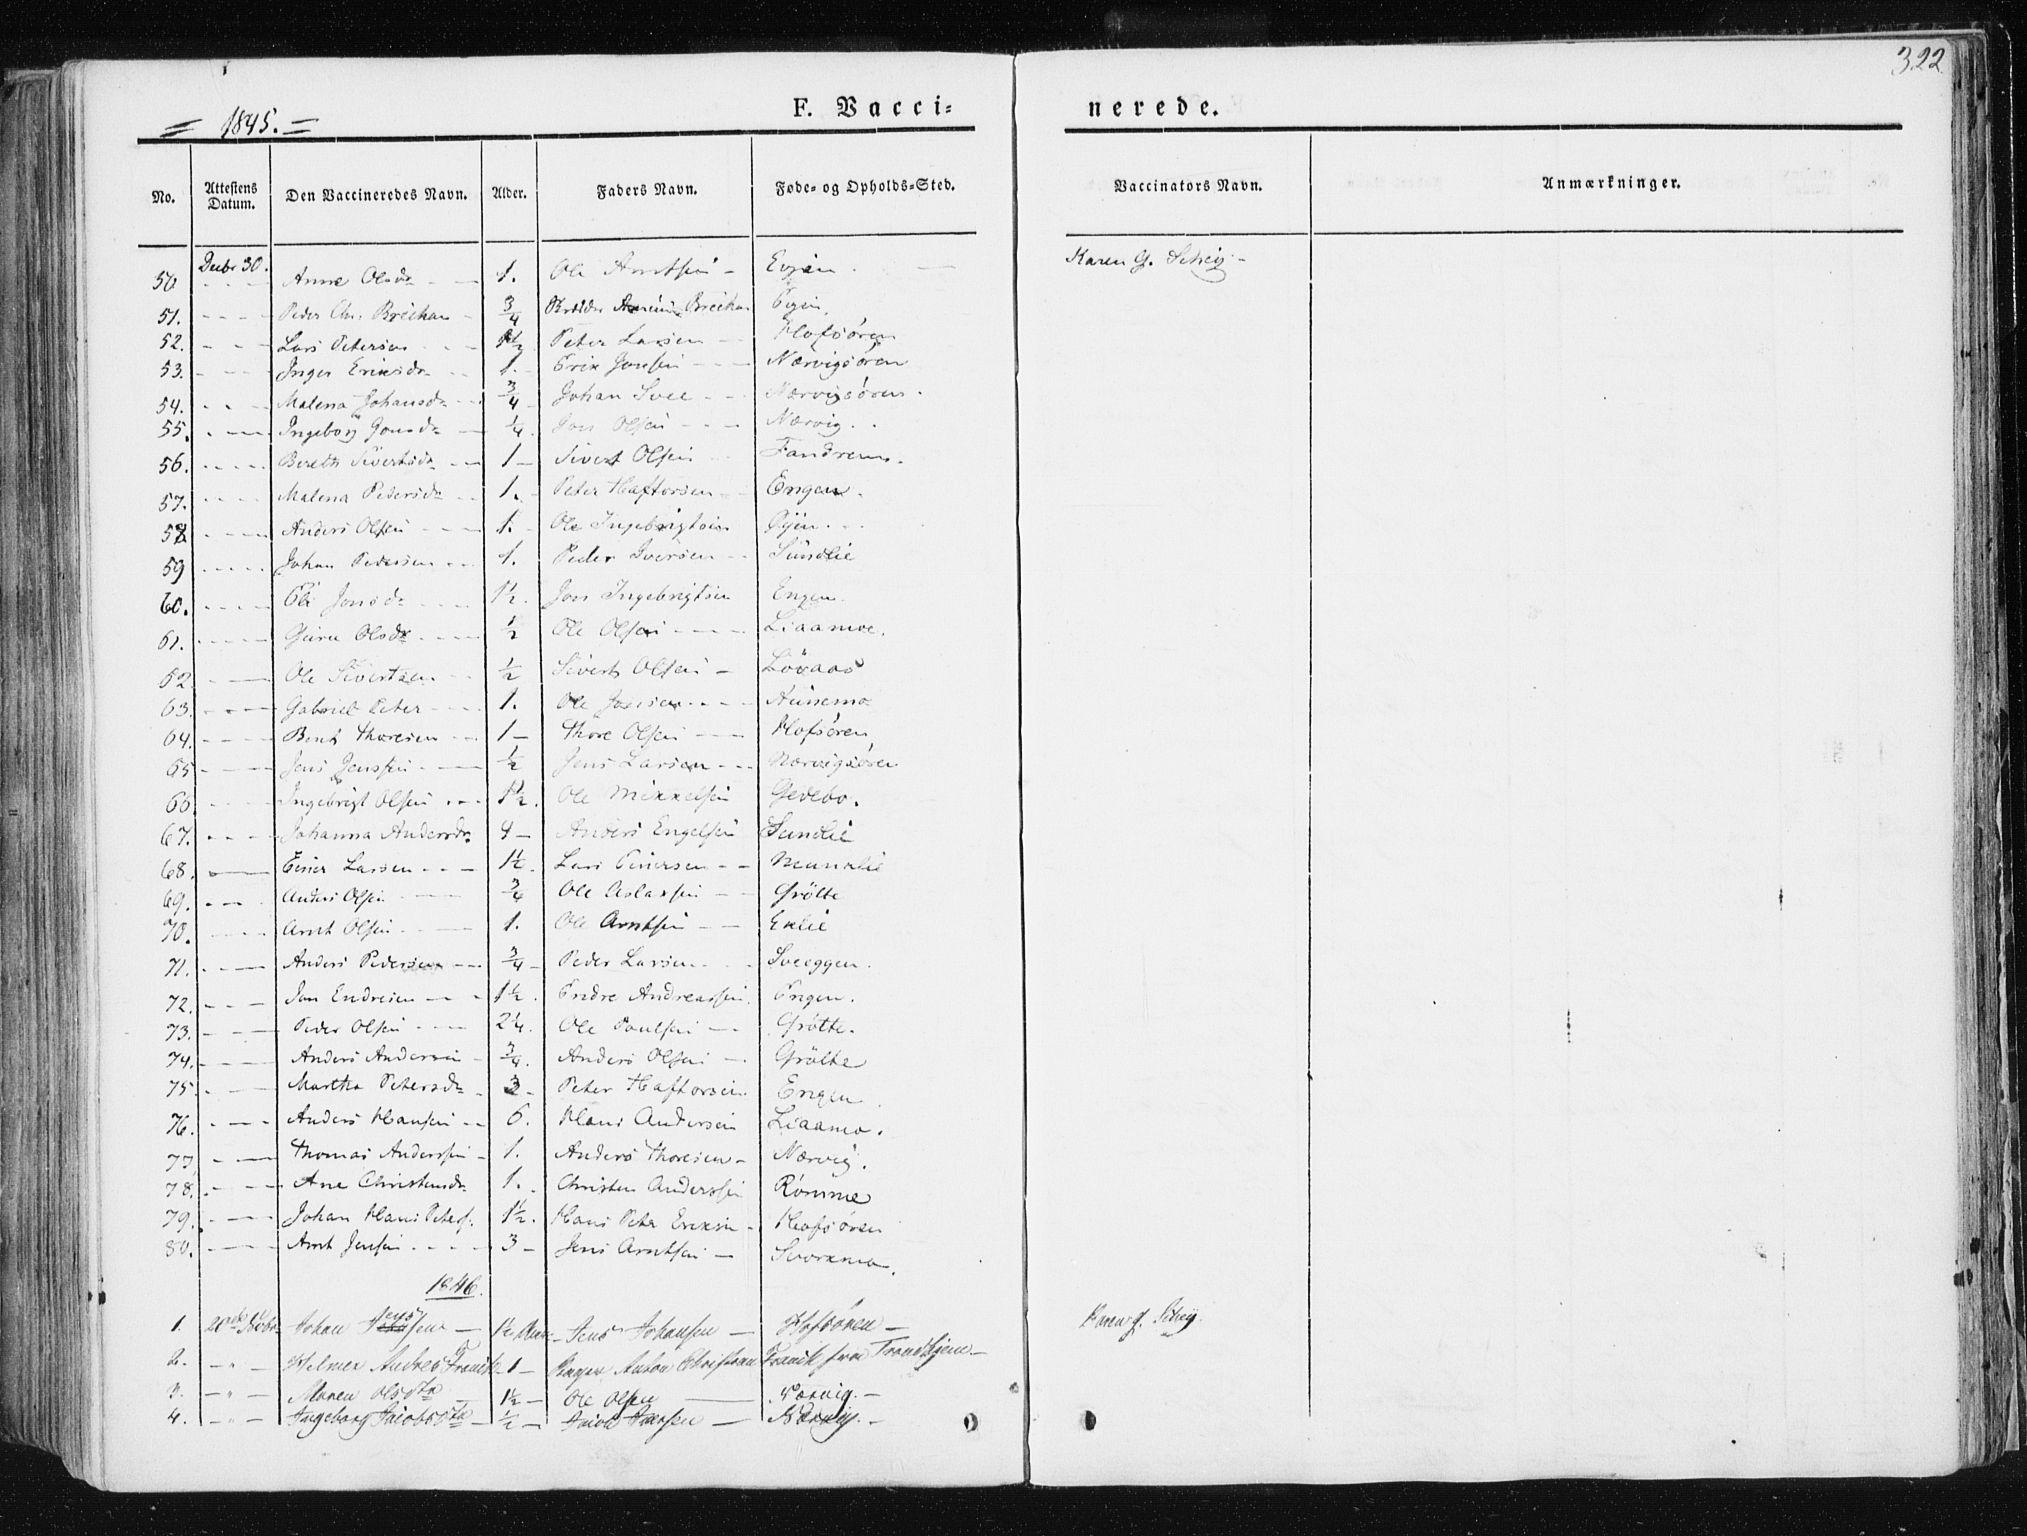 SAT, Ministerialprotokoller, klokkerbøker og fødselsregistre - Sør-Trøndelag, 668/L0805: Ministerialbok nr. 668A05, 1840-1853, s. 322